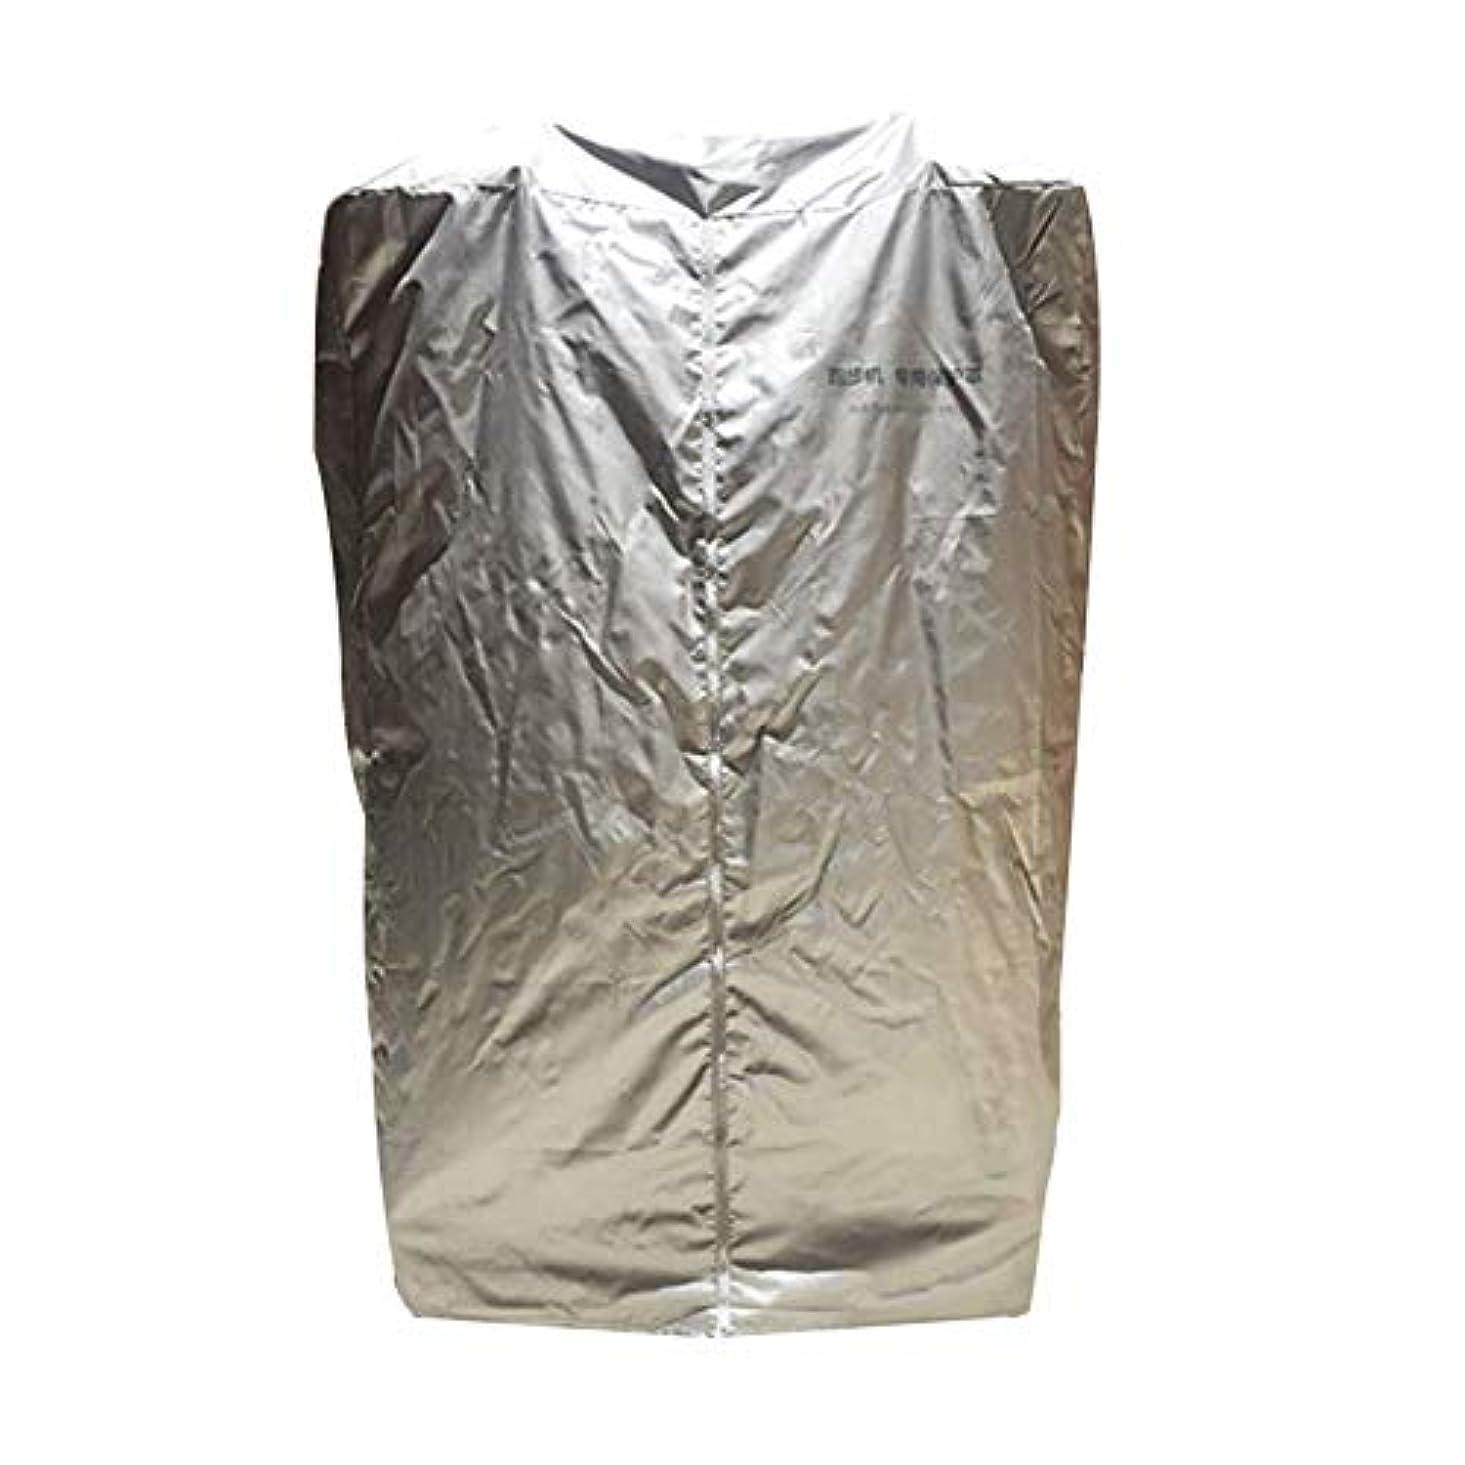 妻松の木物質Juexianggou 屋外テントトレッドミルカバーダストカバー家庭用日焼け止め防雨ユニバーサルカバー 防水テントタープ